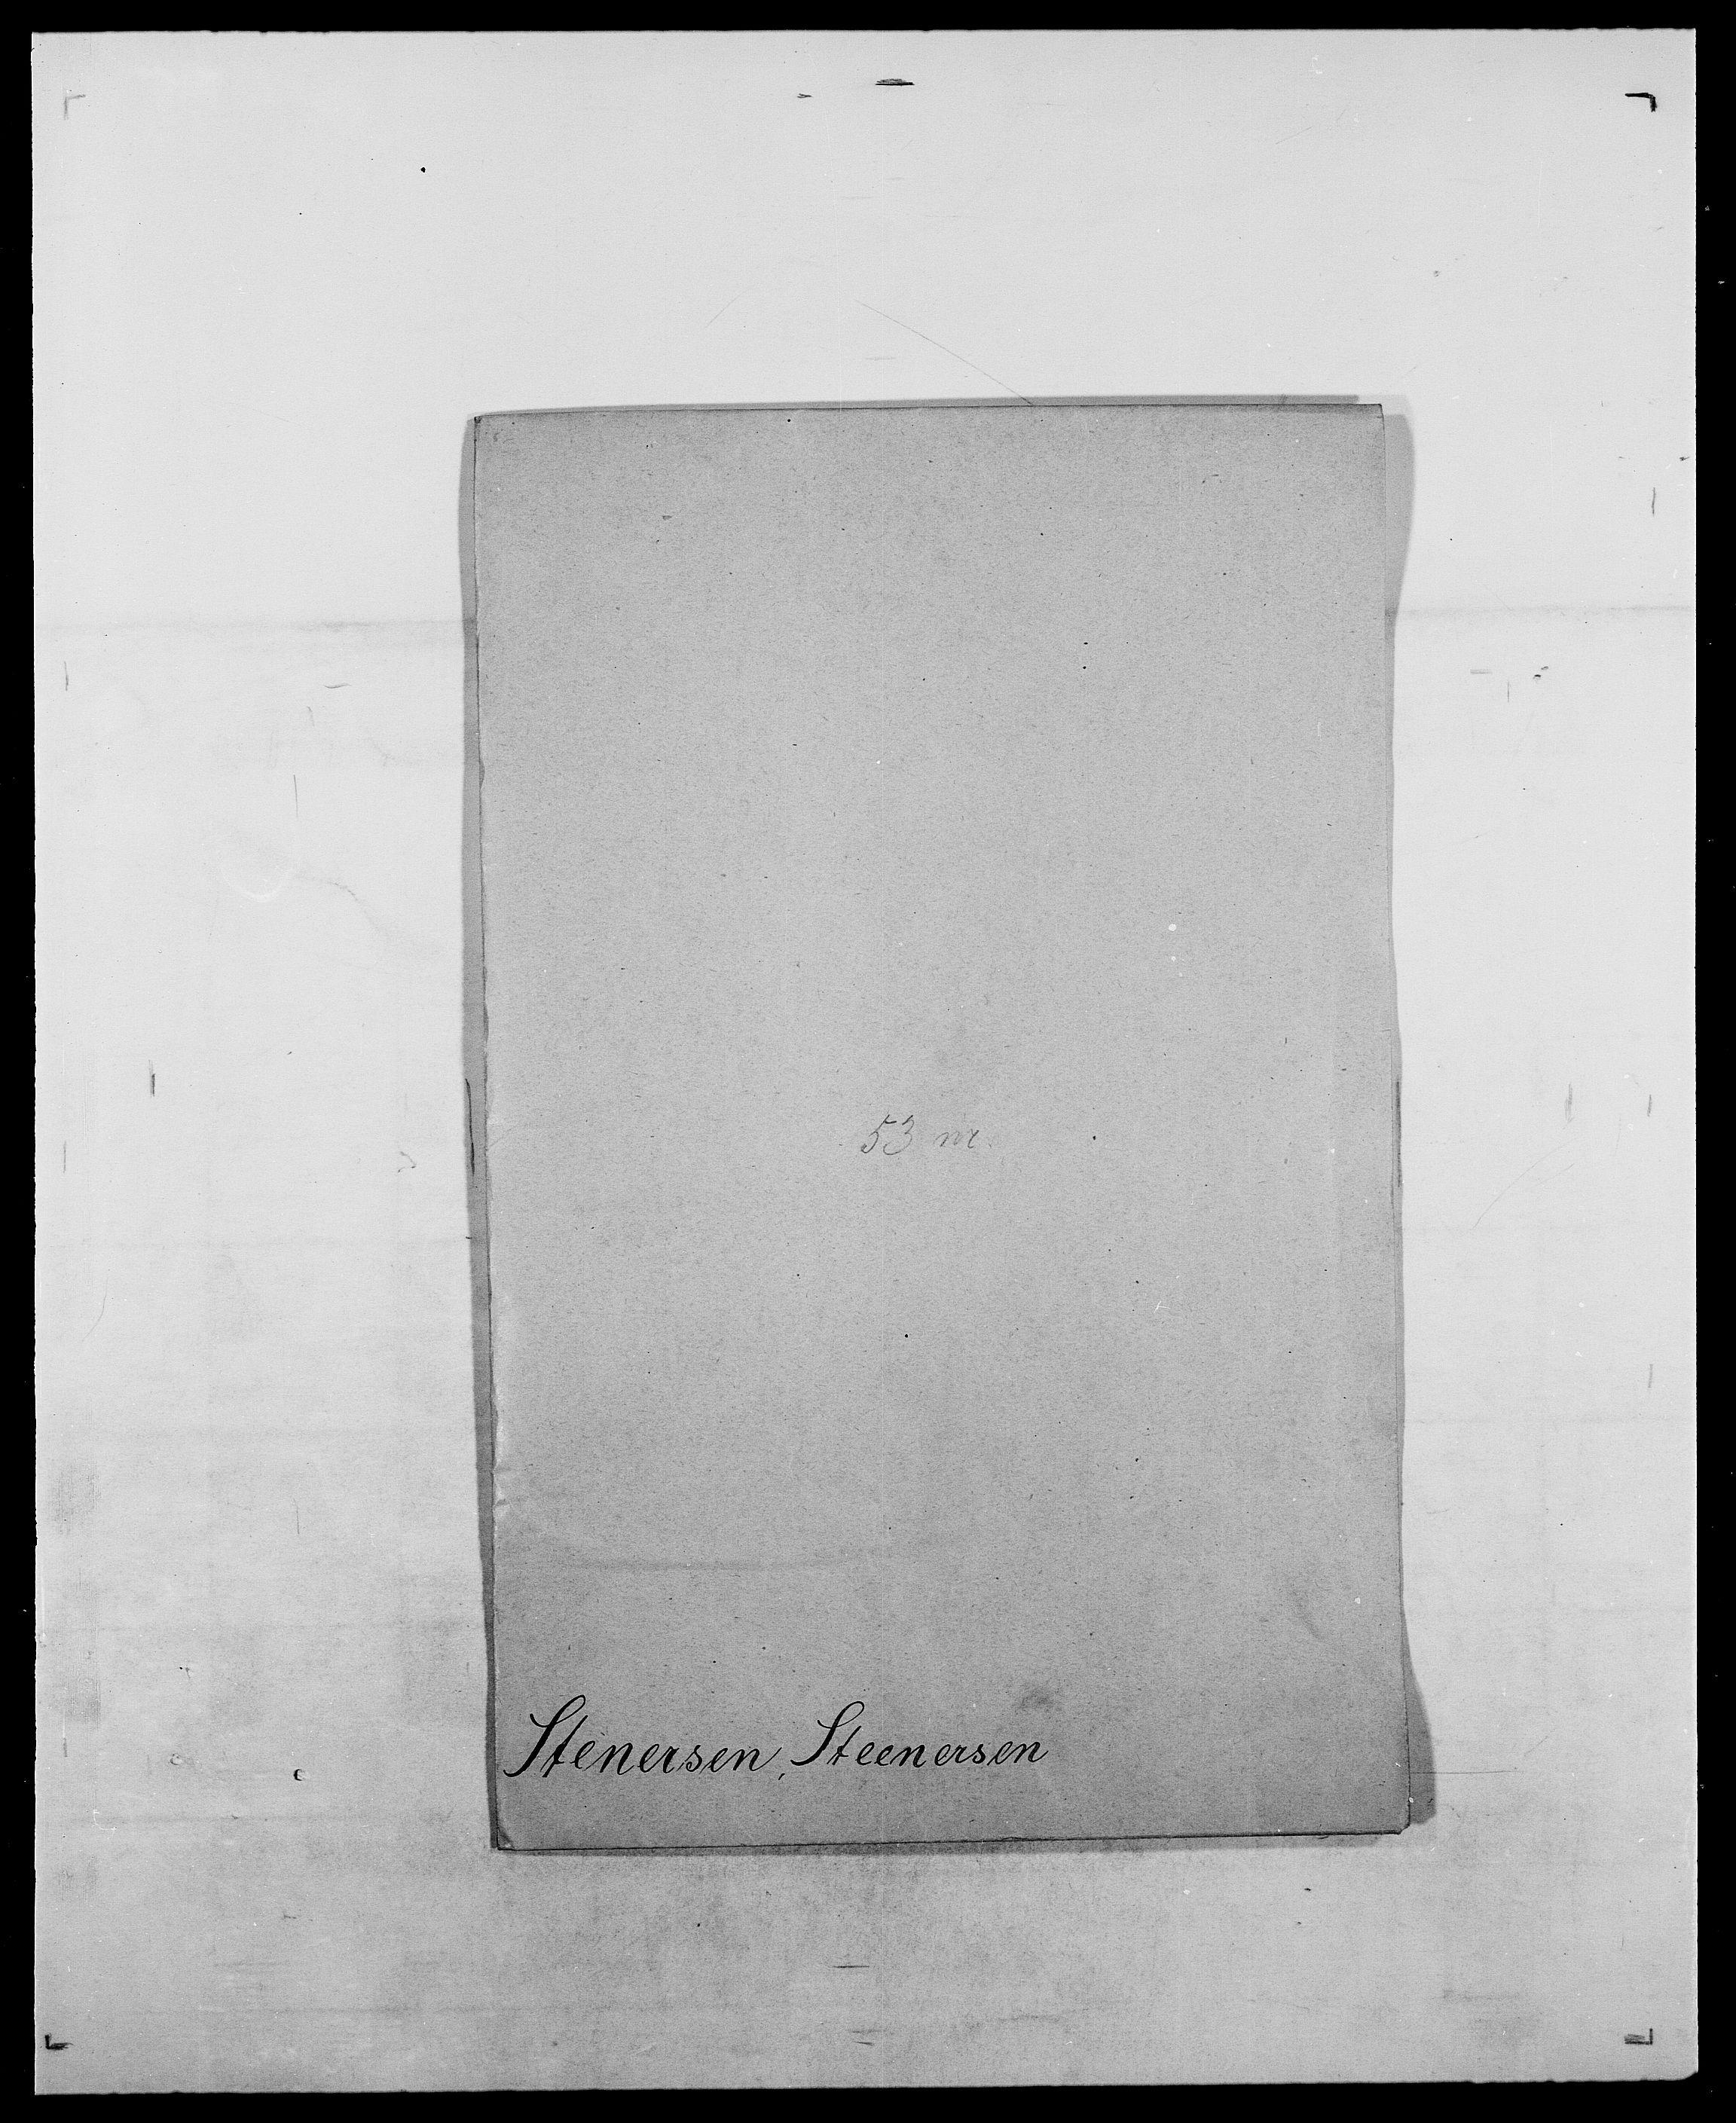 SAO, Delgobe, Charles Antoine - samling, D/Da/L0037: Steen, Sthen, Stein - Svare, Svanige, Svanne, se også Svanning og Schwane, s. 275